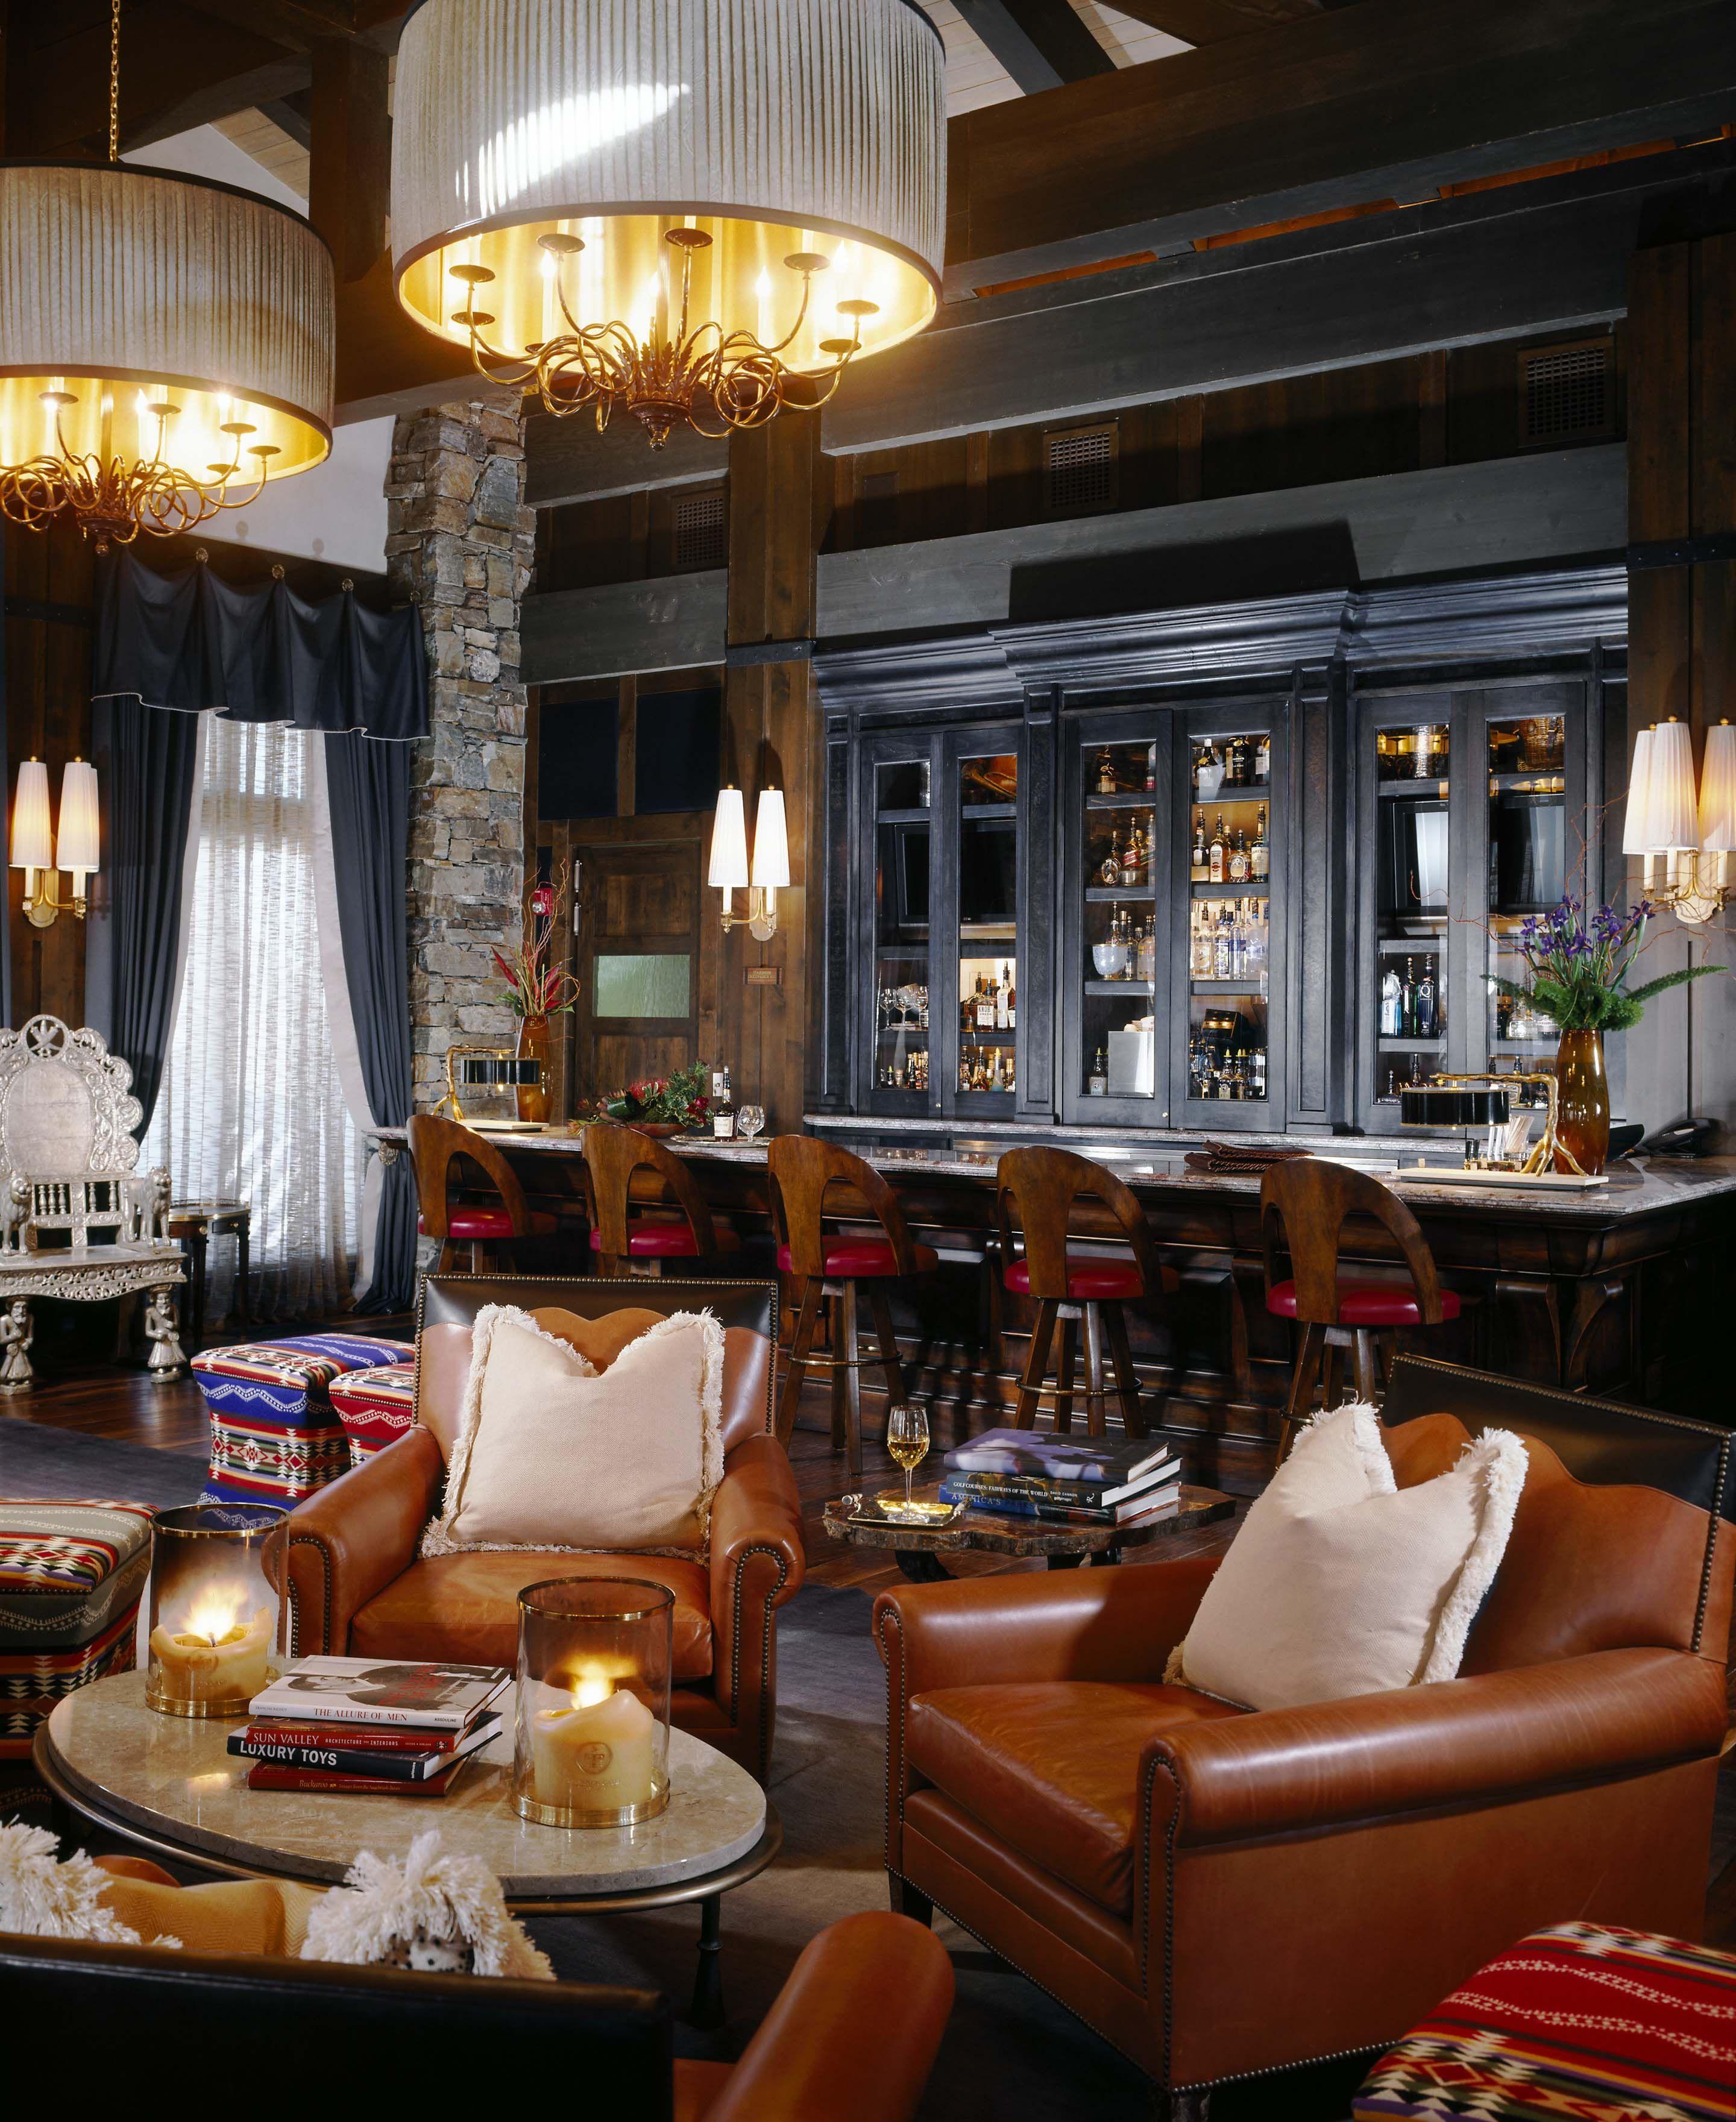 Bon Bar In Park City, UT Designed By Denton House Design Studio